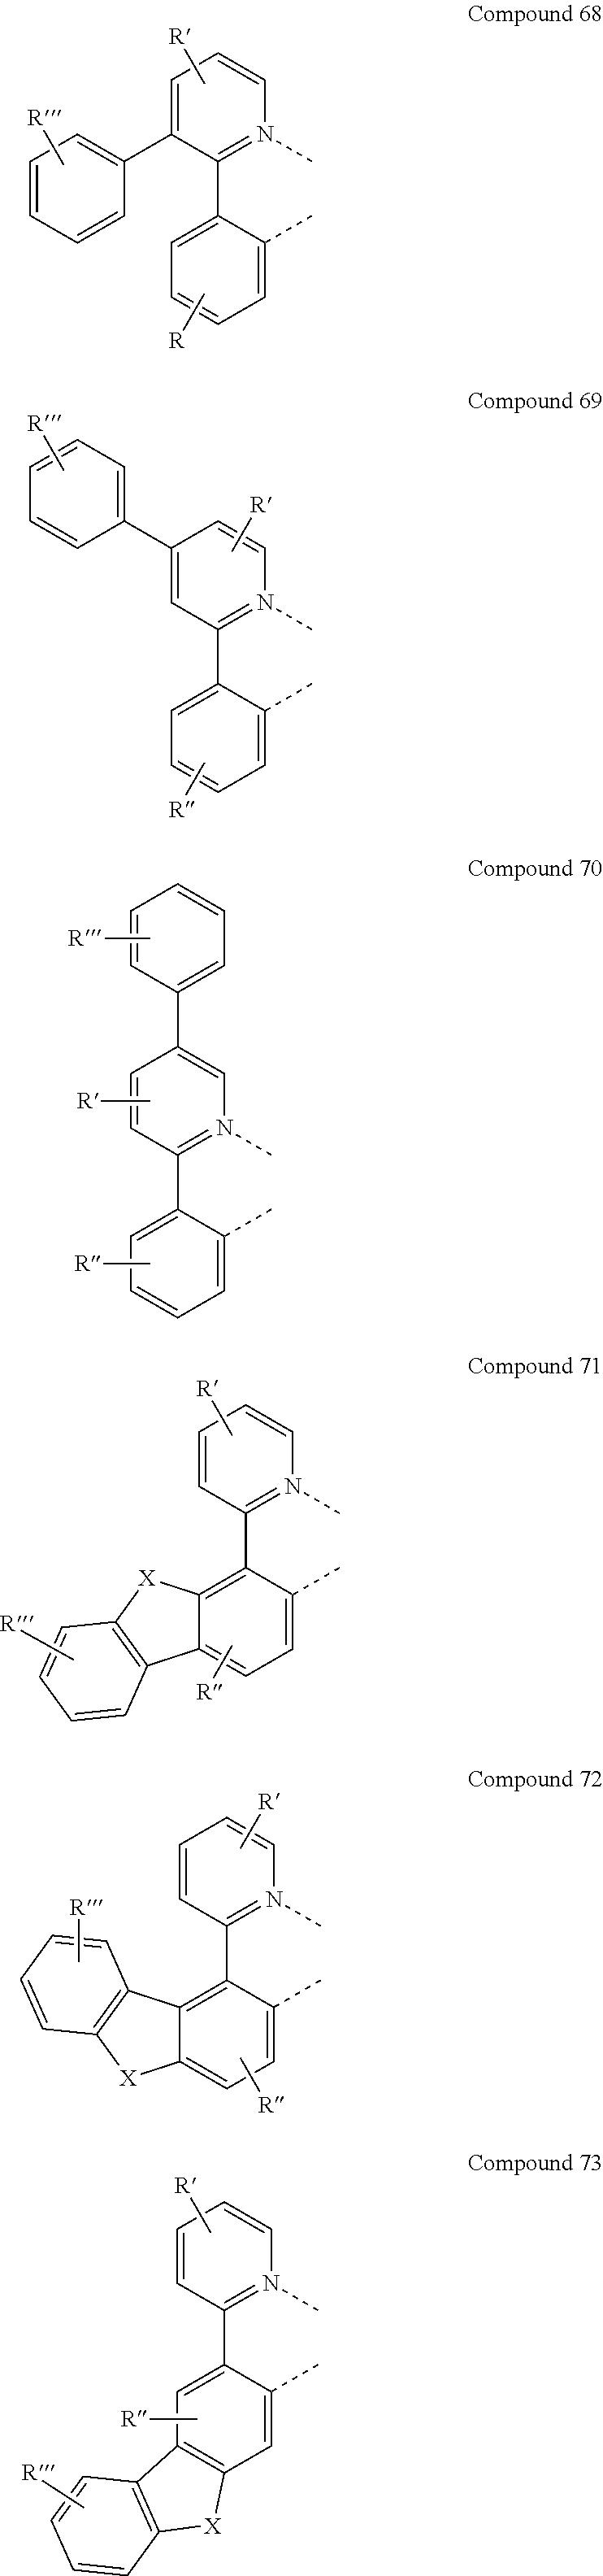 Figure US08586203-20131119-C00111